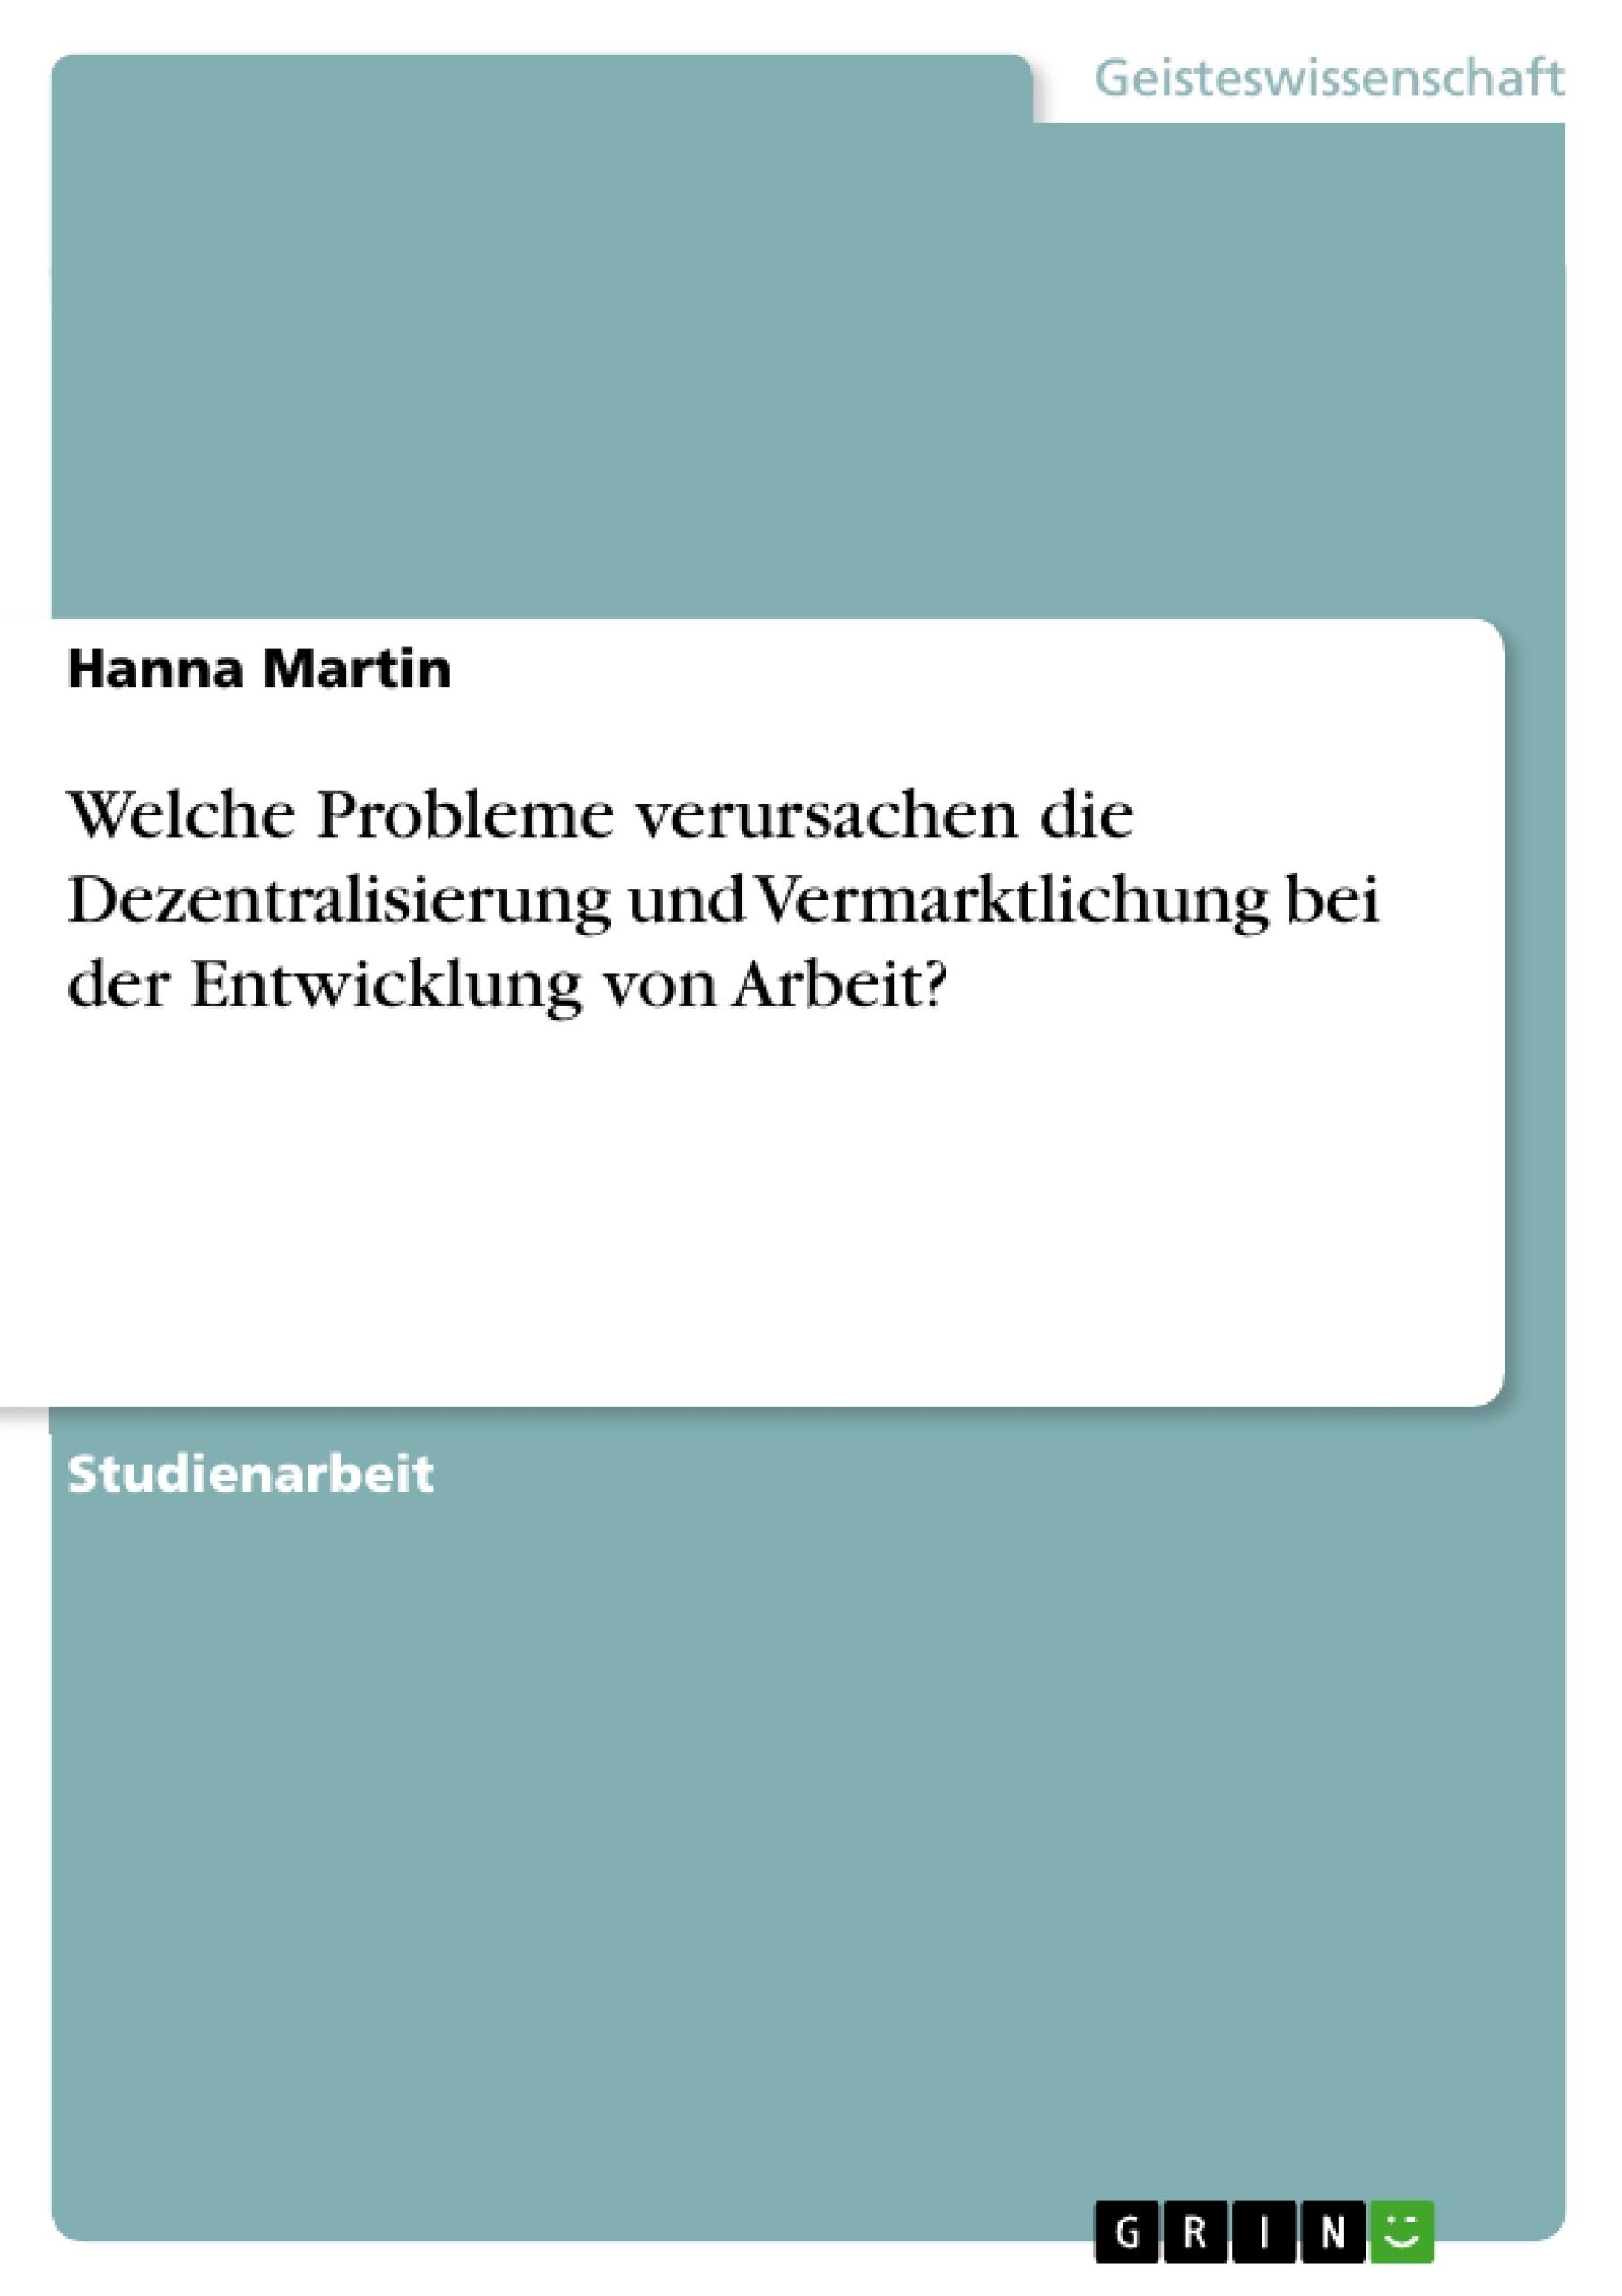 Titel: Welche Probleme verursachen die Dezentralisierung und Vermarktlichung bei der Entwicklung von Arbeit?